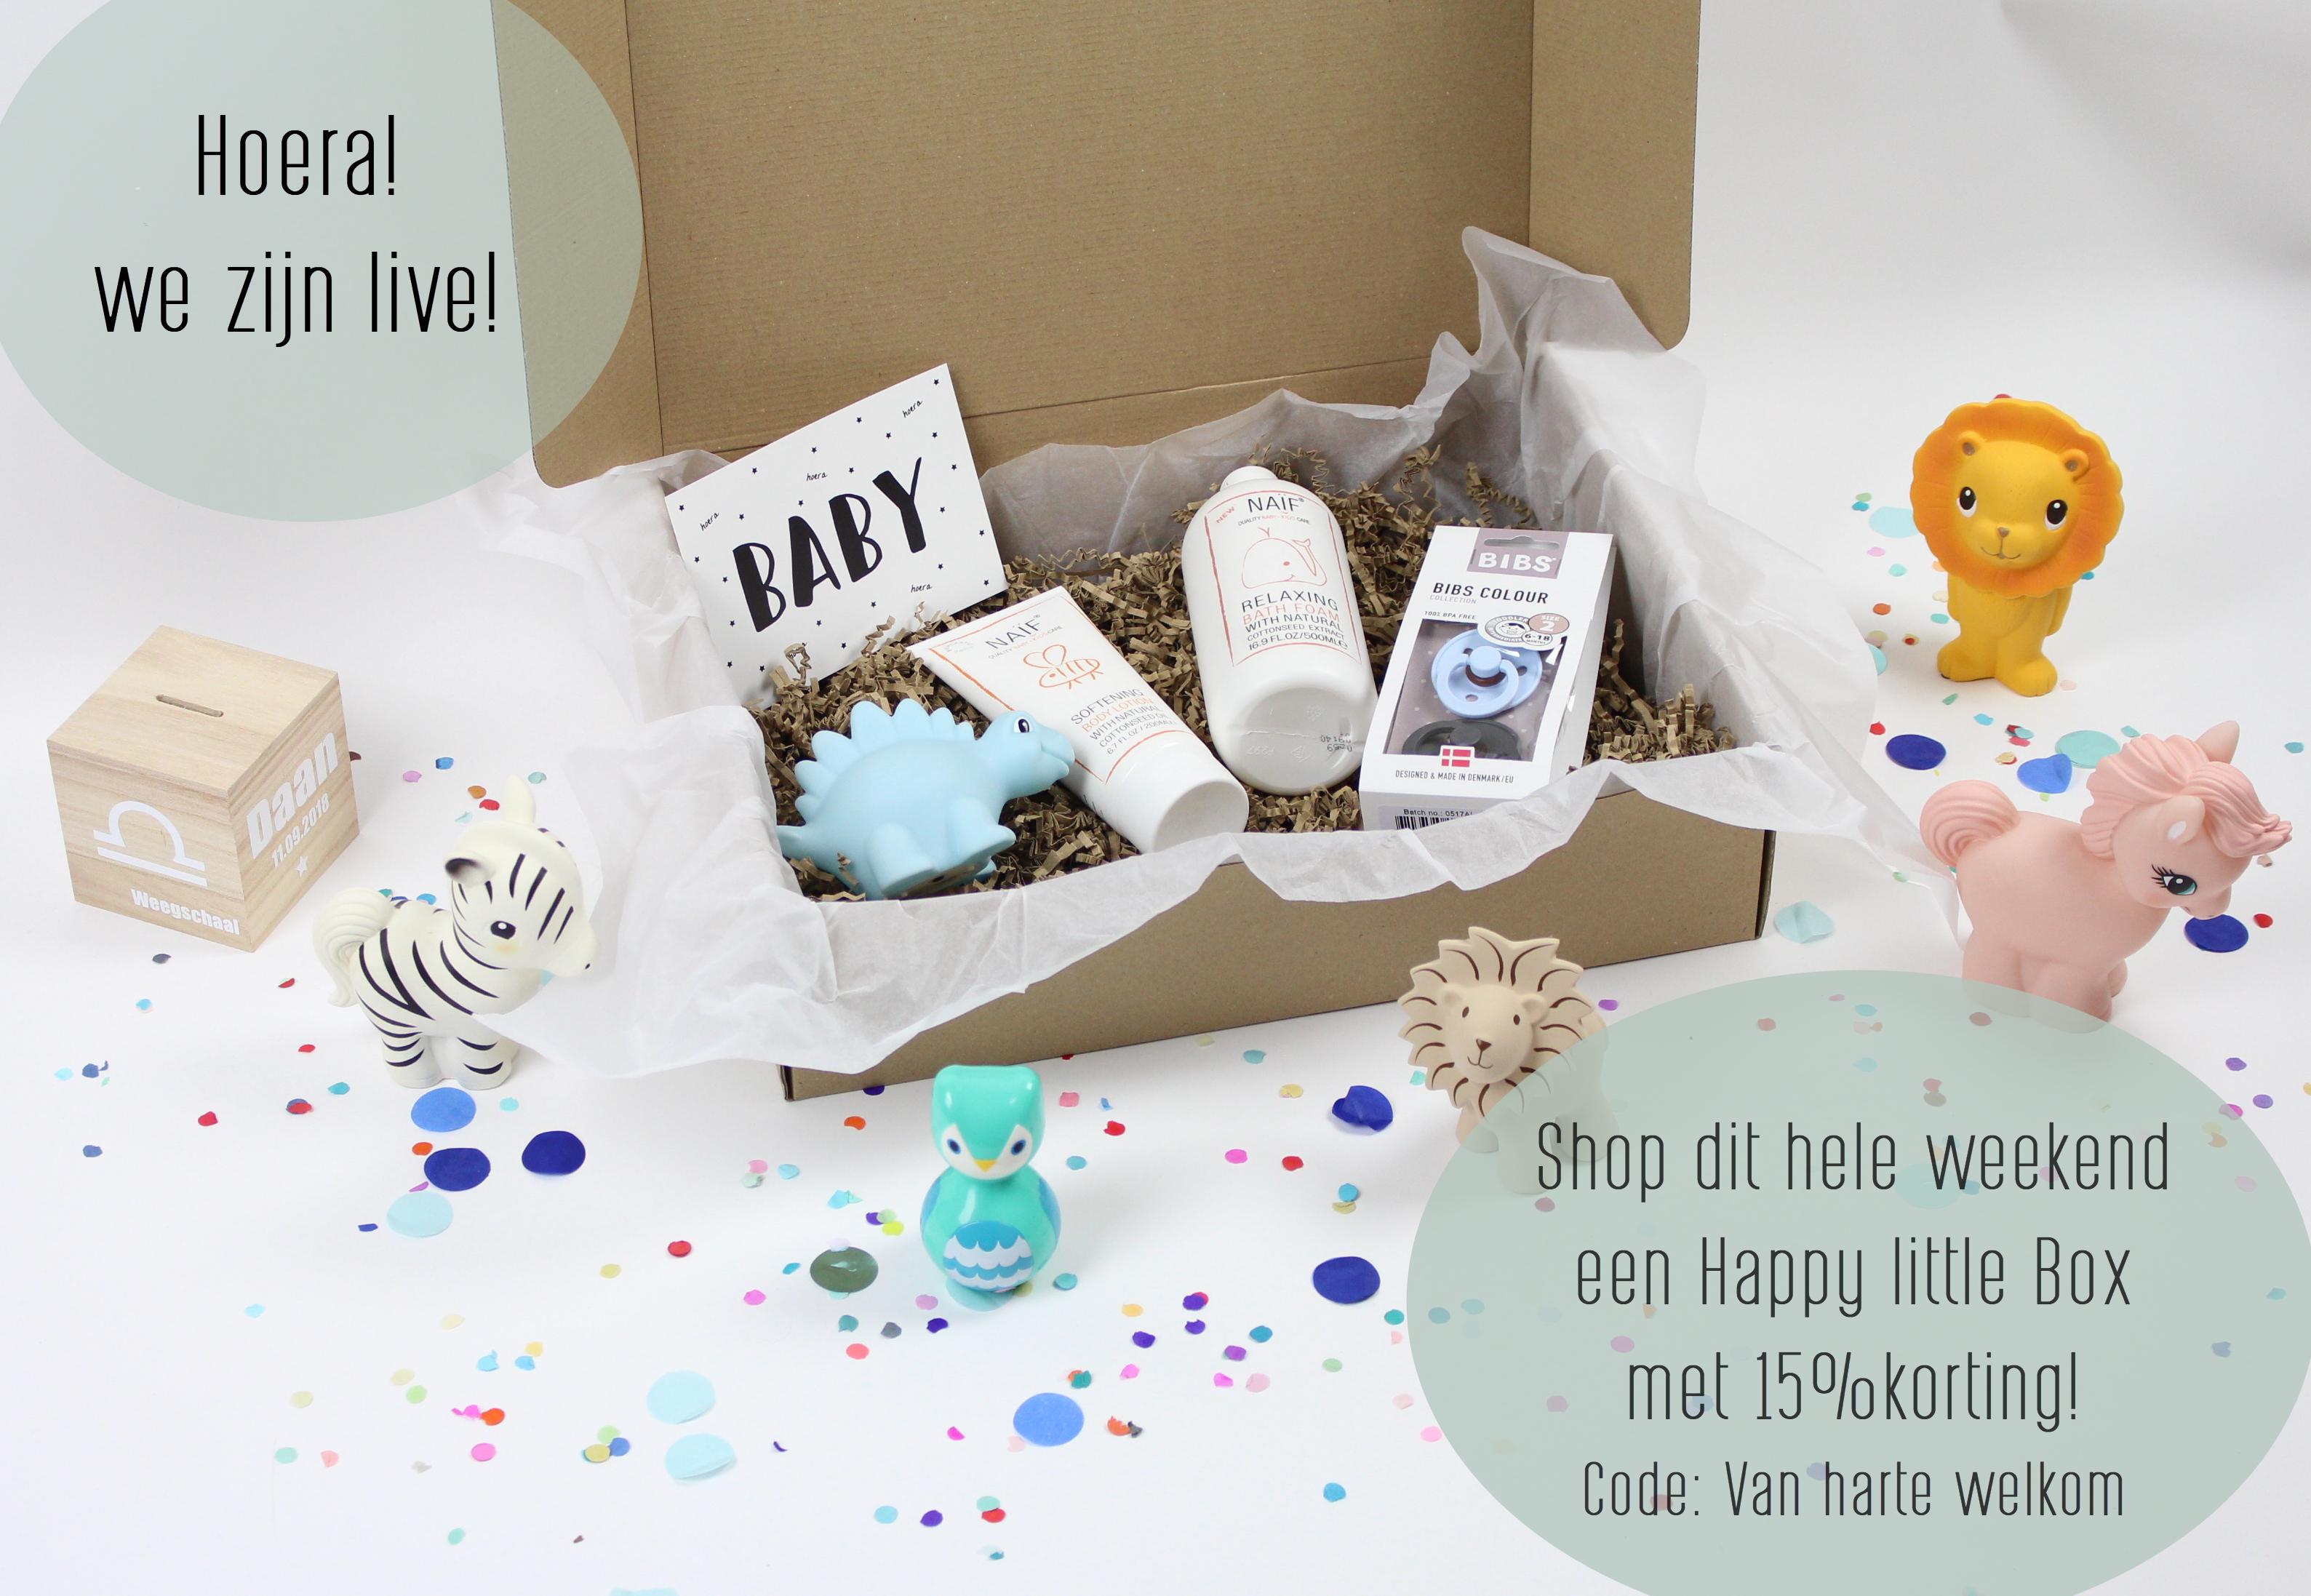 happylittlebox.nl